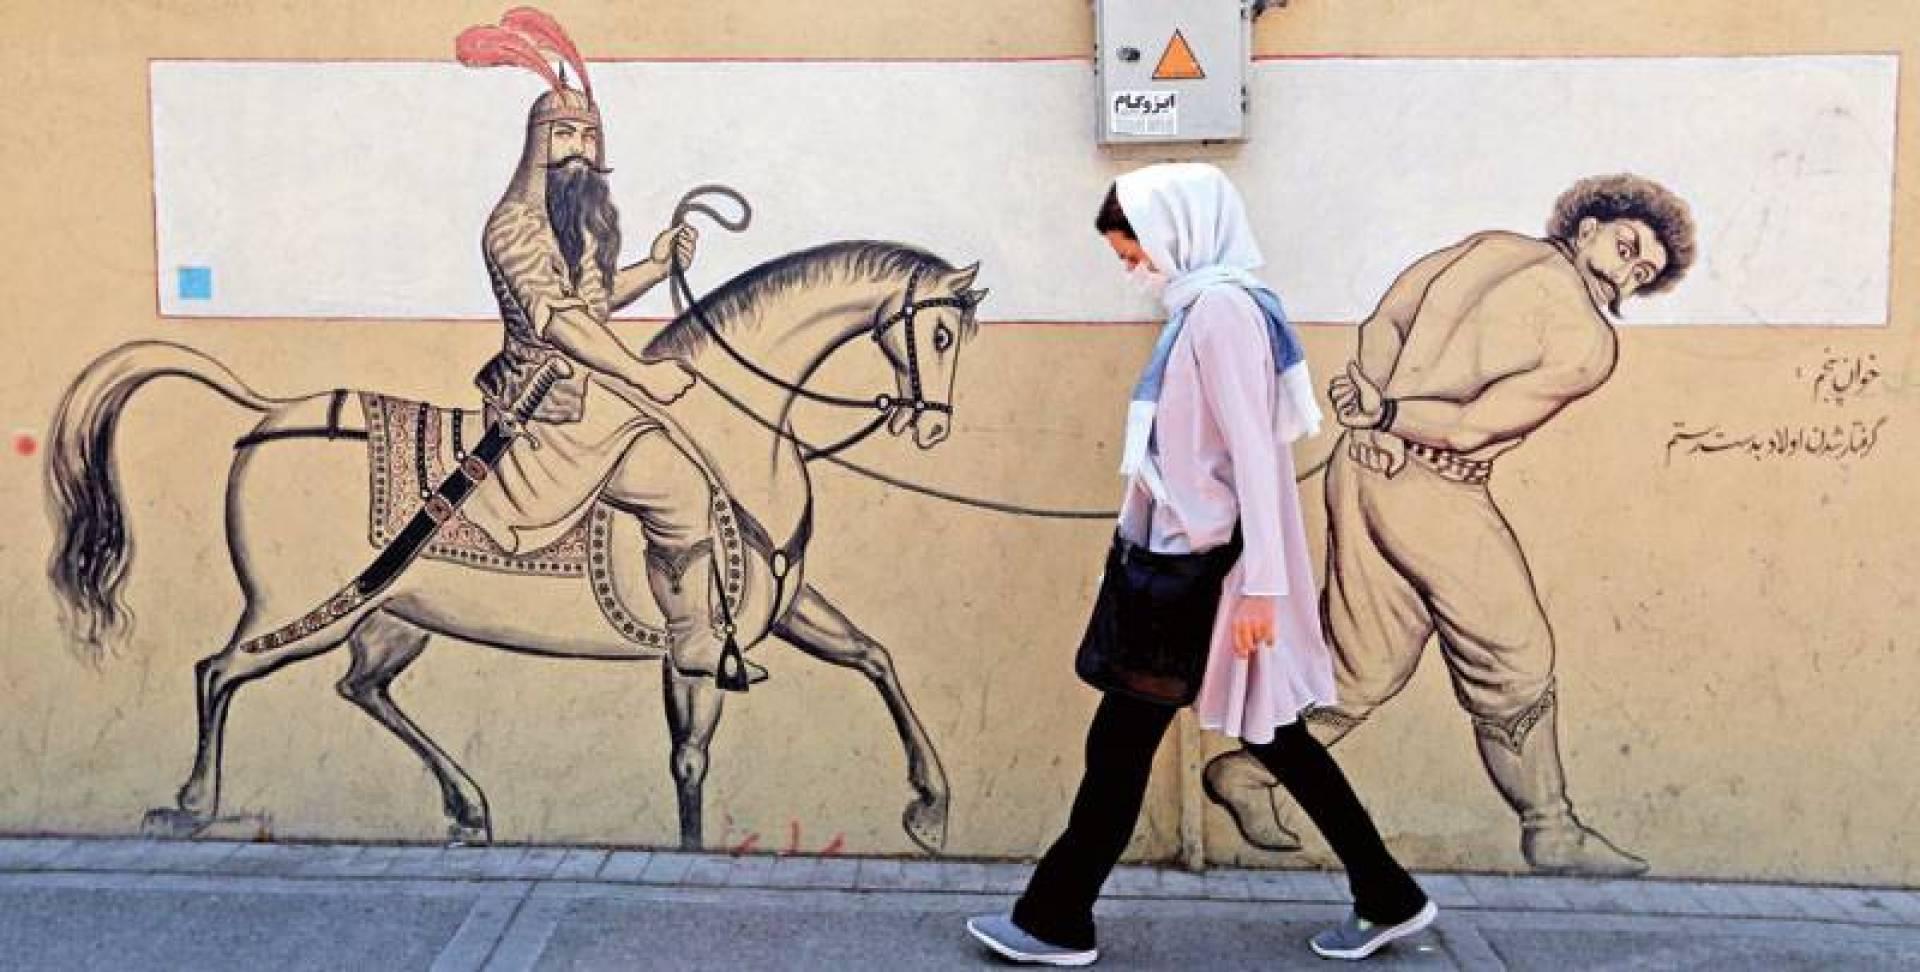 إيرانية ترتدي كماماً قرب جدارية تصور البطل الفارسي الأسطوري رستم  راكباً حصانه خلف سجين مكبل اليدين في طهران أمس  (أ.ف.ب)